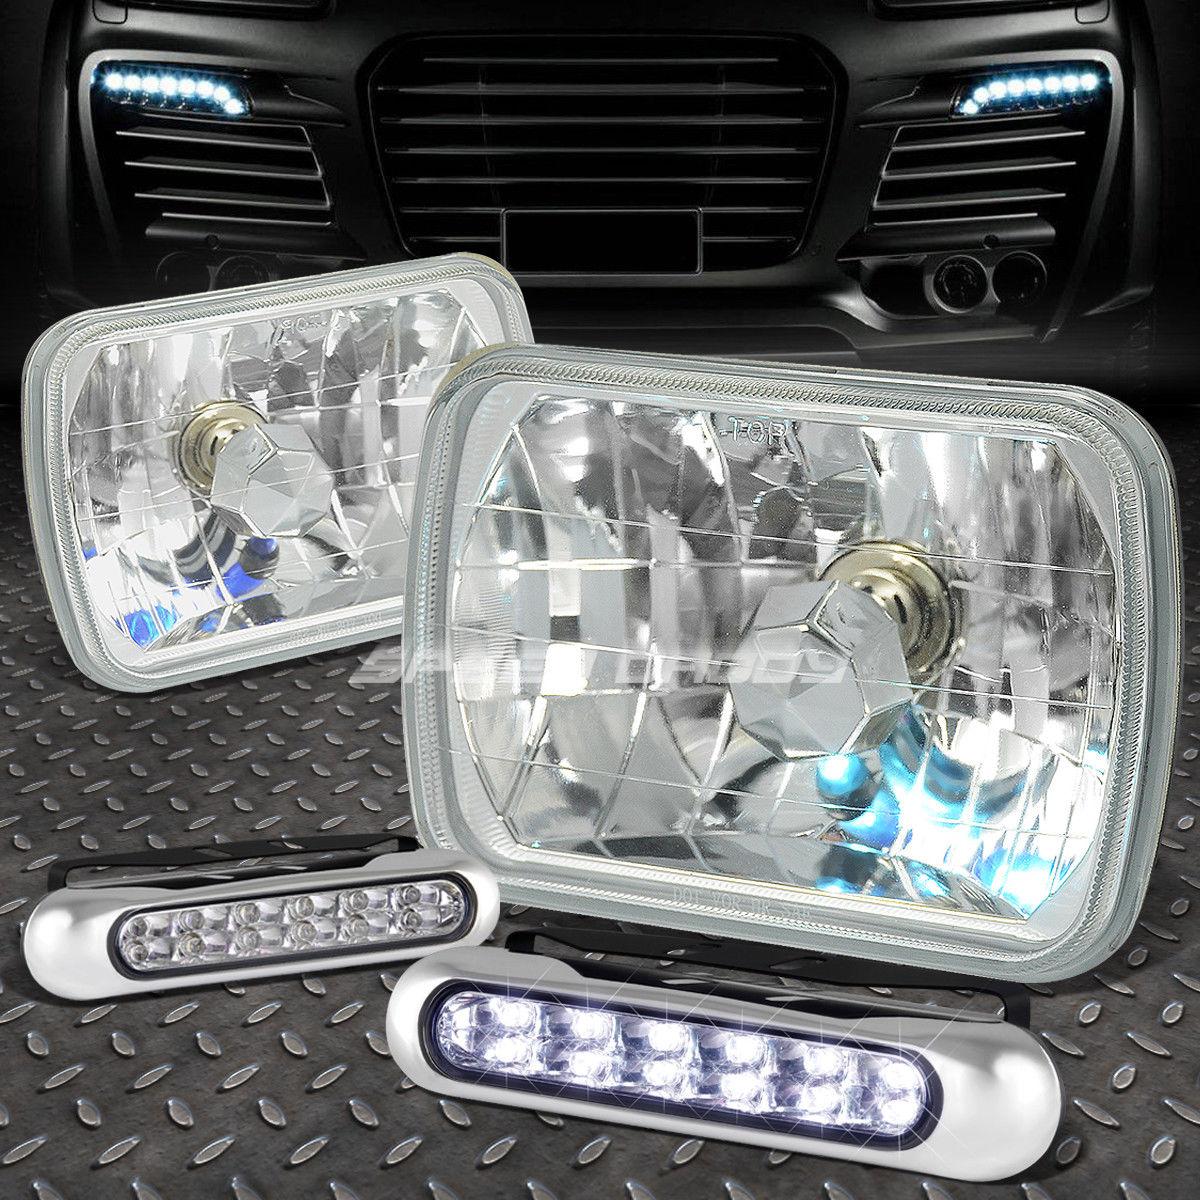 フォグライト CLEAR SQUARE DIAMOND PROJECTOR HEADLIGHT+12 LED GRILL FOG LIGHT FOR 7X6 H6054 クリアスクエアダイヤモンドプロジェクターヘッドライト+ 7X6 H6054用LEDグリルフォグライト12